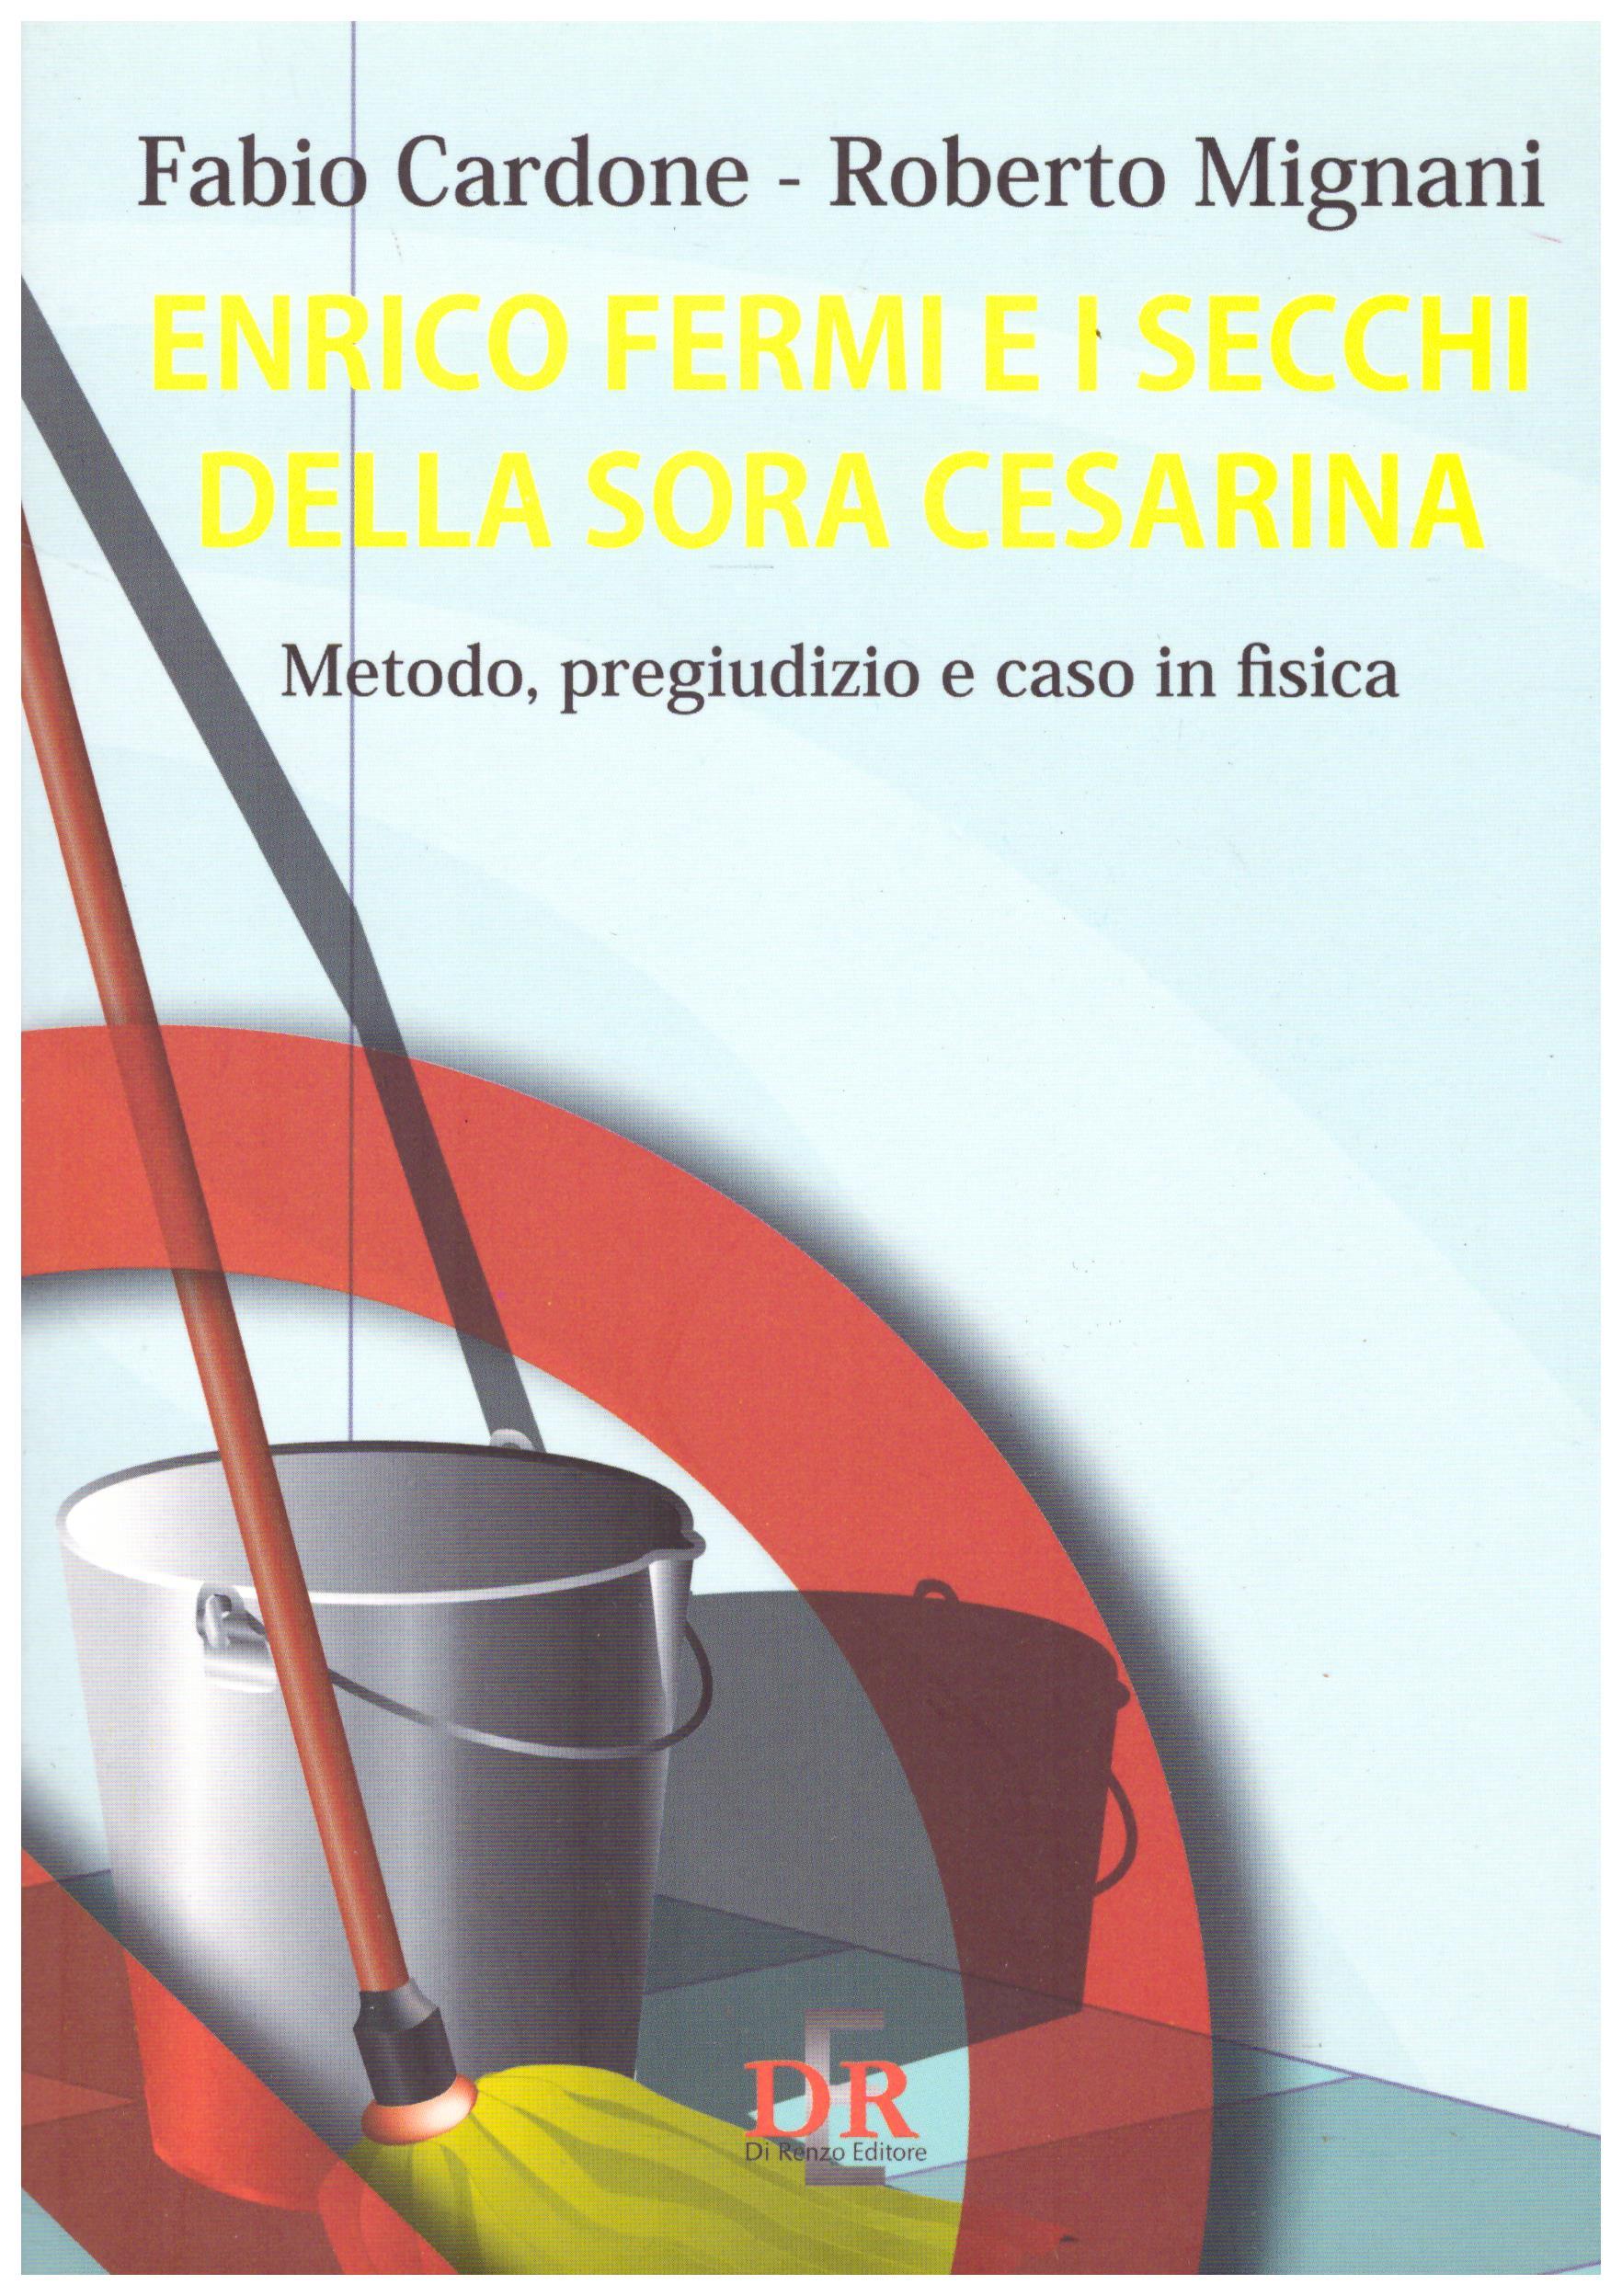 Titolo: Enrico Fermi e i secchi della sora Cesarina Autore: Fabio Cardone, Roberto Mignani  Editore: DR, 2010